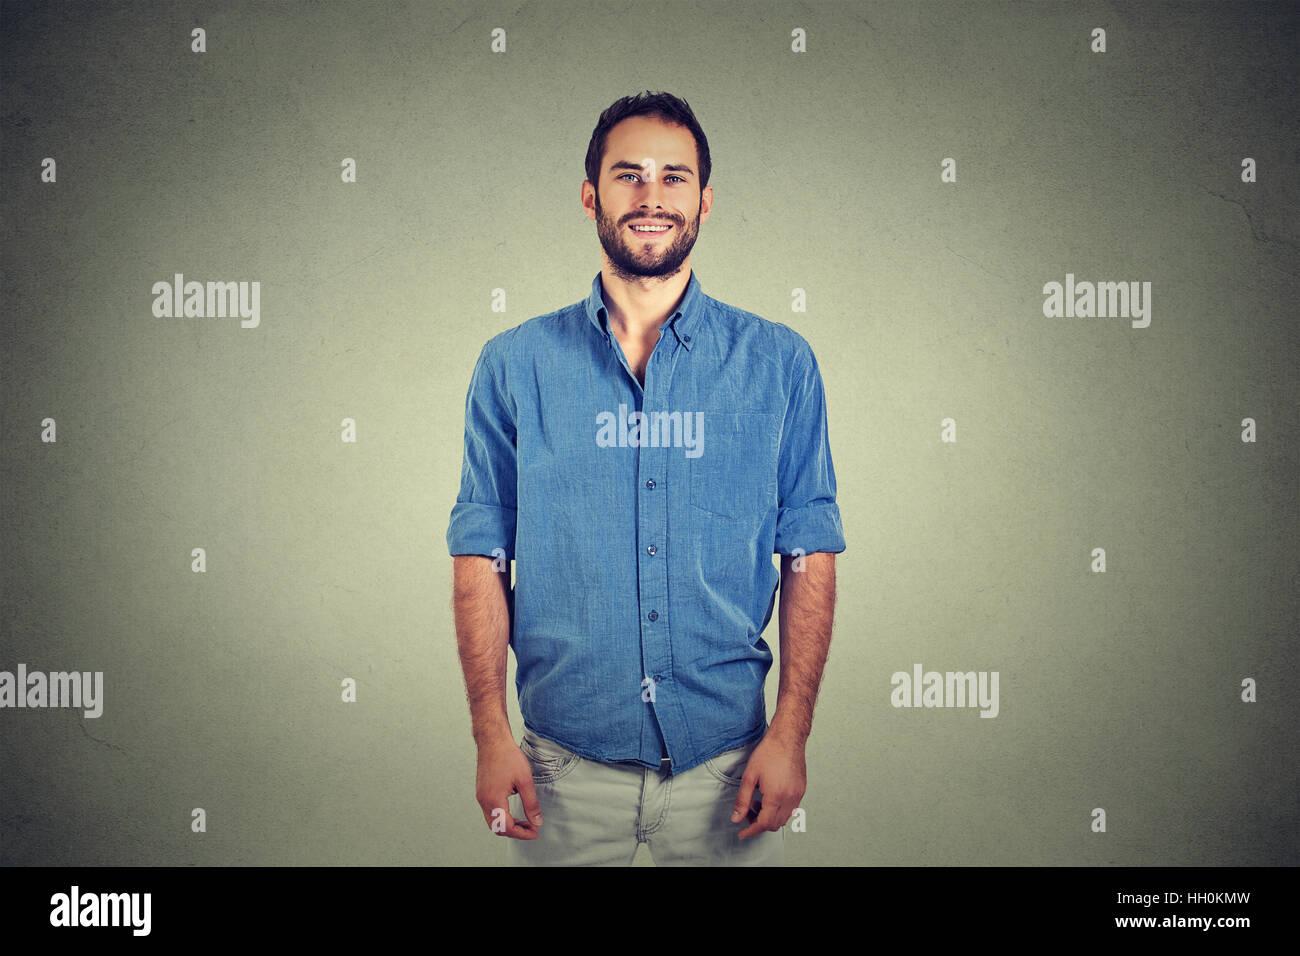 Ritratto di un bel giovane uomo sorridente isolato contro il muro grigio sfondo Immagini Stock